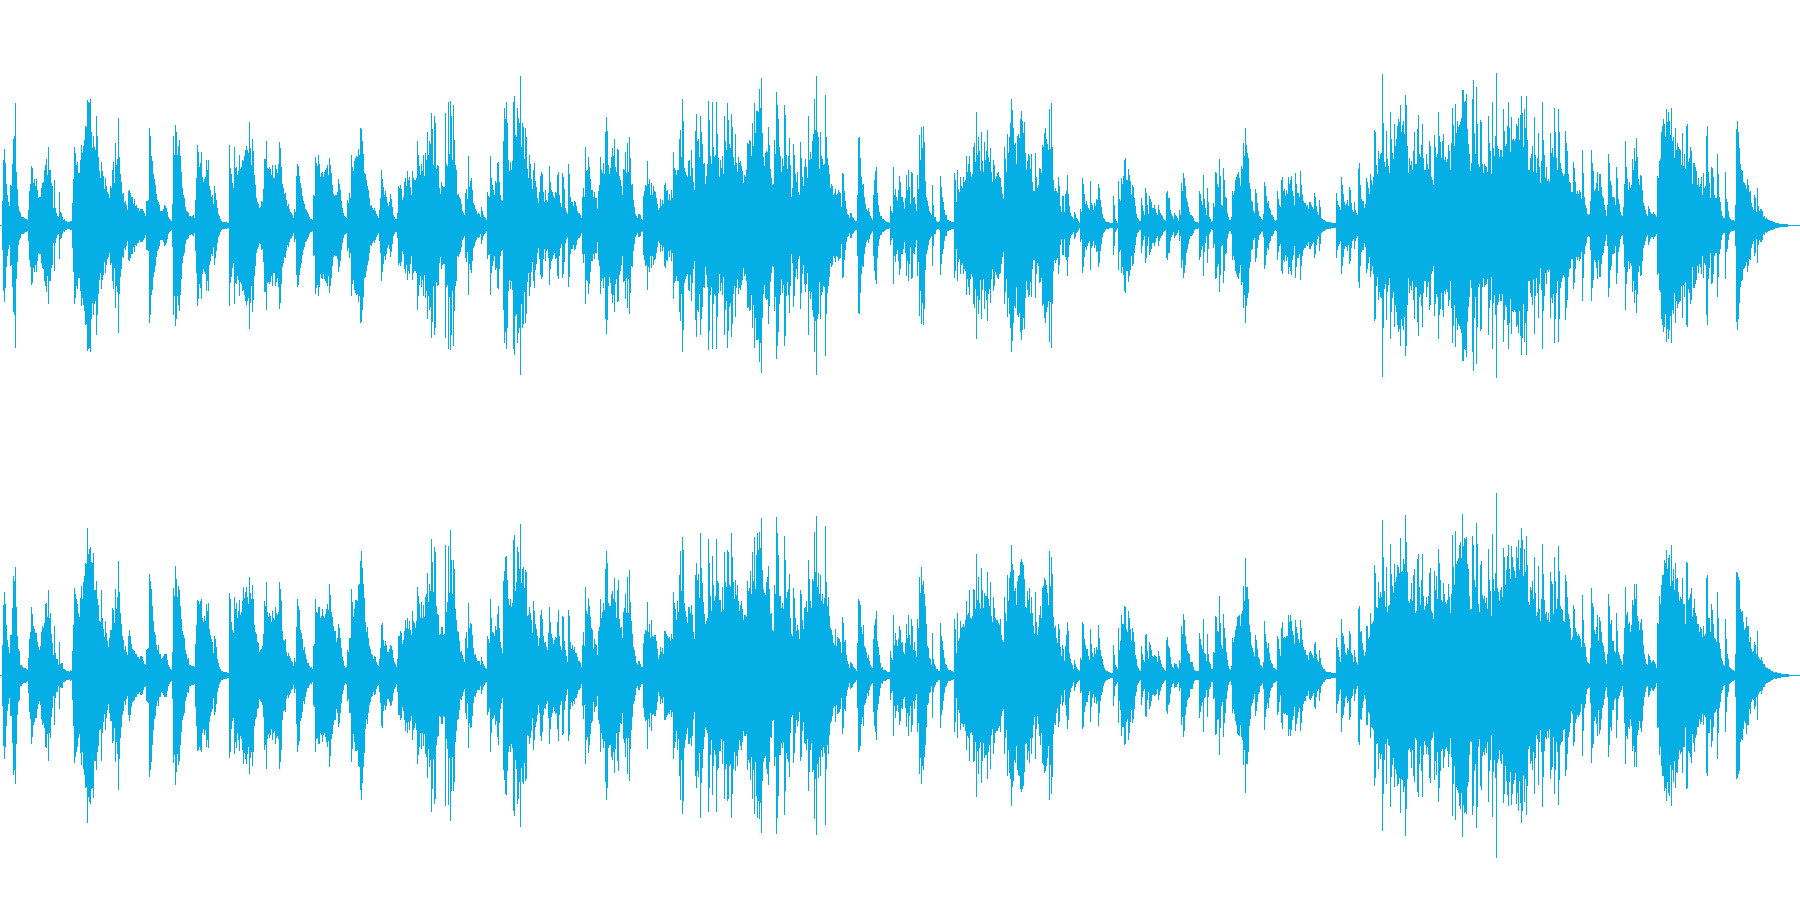 エンディングに最適な落ち着いたピアノソロの再生済みの波形